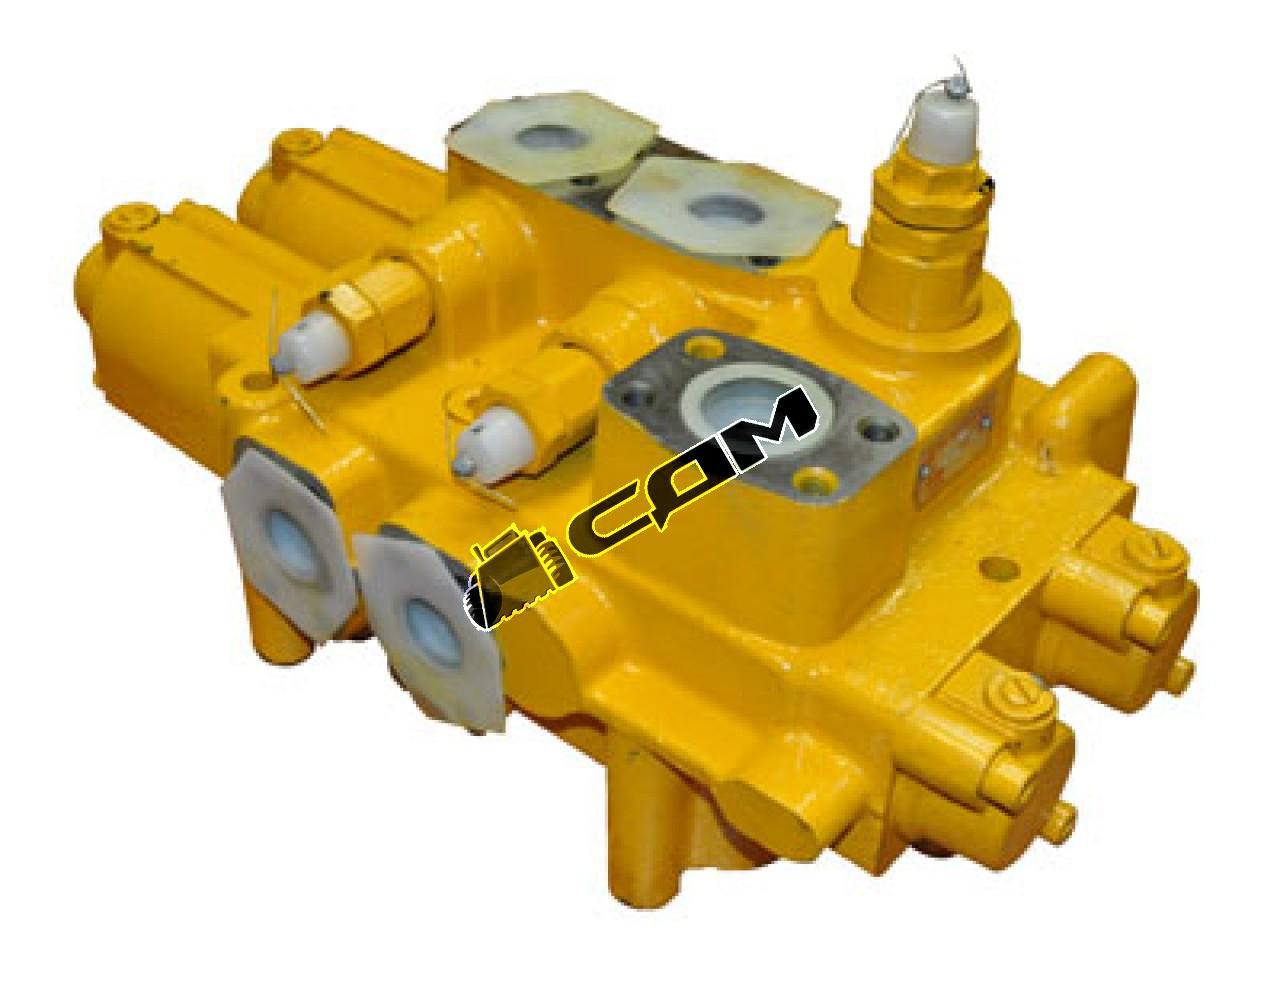 Клапан двойной вводный управляющий гидросистемы (джостиковое управление) D32.2/LG50EX.07.04 D32.2/LG50EX.07.04/601422